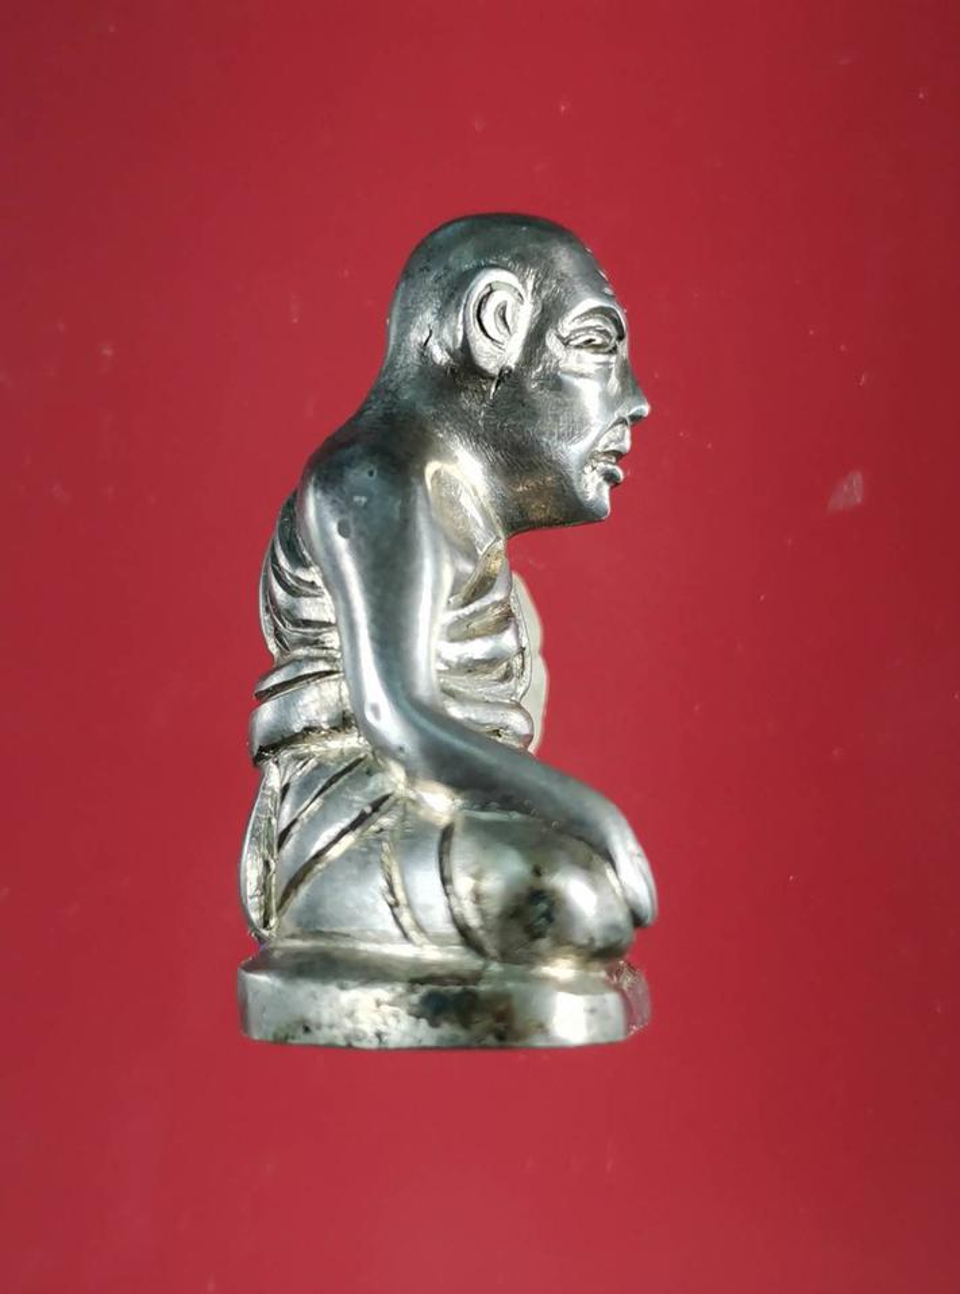 5850 รูปหล่อหลวงปู่สุข ธรรมฺโชโต วัดโพธิ์ทรายทอง พิมพ์มือจับเข่า รูปที่ 2